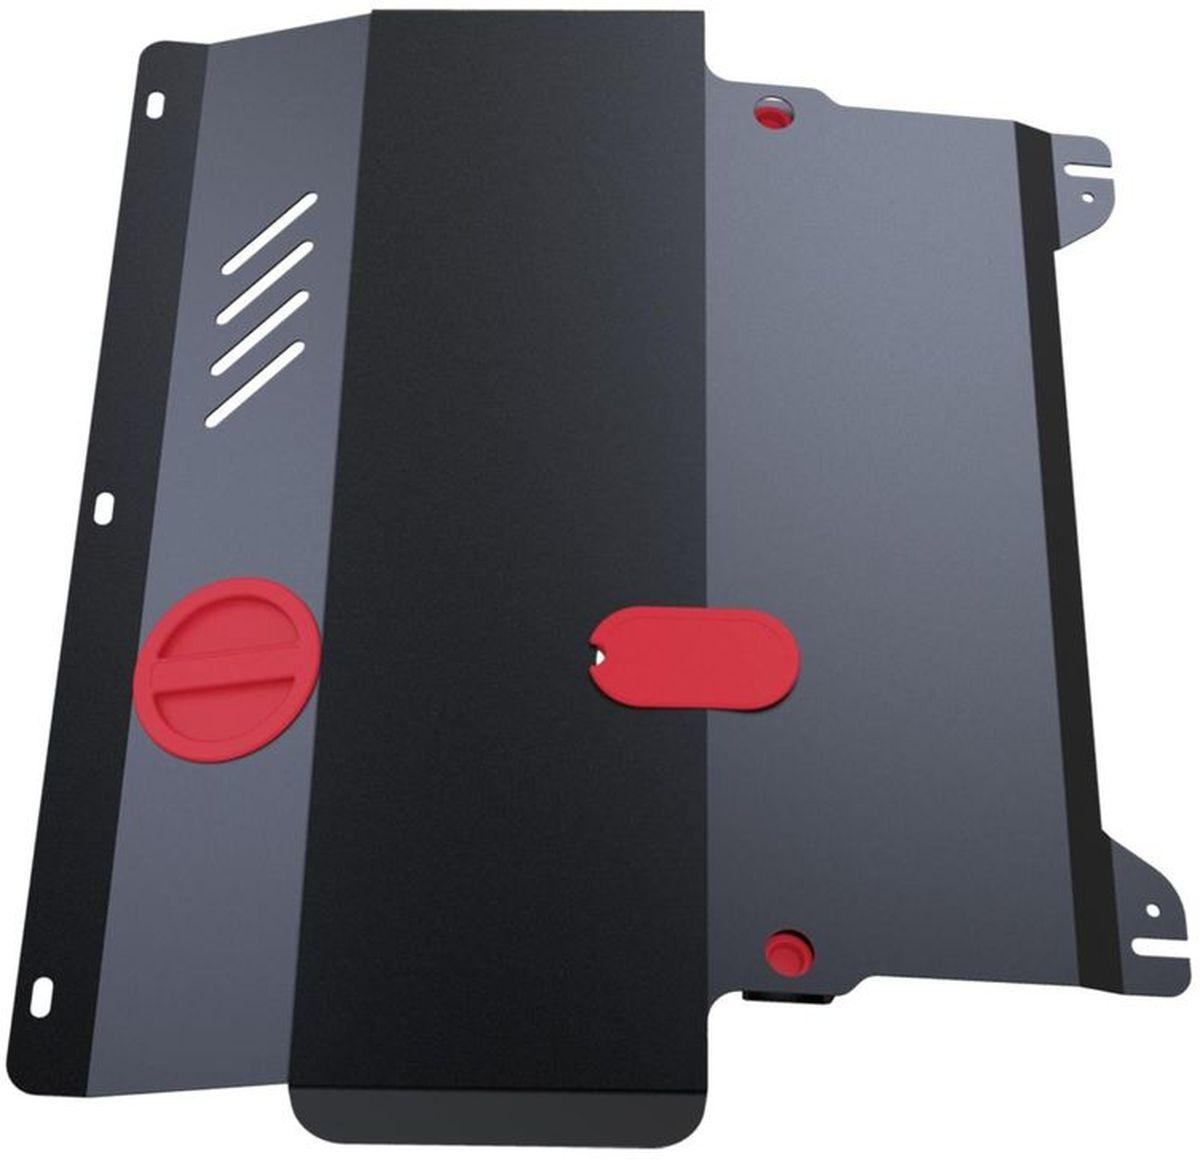 Защита картера Автоброня, для Ssang Yong Actyon II/ Ssang Yong Actyon Sports2706 (ПО)Технологически совершенный продукт за невысокую стоимость.Защита разработана с учетом особенностей днища автомобиля, что позволяет сохранить дорожный просвет с минимальным изменением.Защита устанавливается в штатные места кузова автомобиля. Глубокий штамп обеспечивает до двух раз больше жесткости в сравнении с обычной защитой той же толщины. Проштампованные ребра жесткости препятствуют деформации защиты при ударах.Тепловой зазор и вентиляционные отверстия обеспечивают сохранение температурного режима двигателя в норме. Скрытый крепеж предотвращает срыв крепежных элементов при наезде на препятствие.Шумопоглощающие резиновые элементы обеспечивают комфортную езду без вибраций и скрежета металла, а съемные лючки для слива масла и замены фильтра - экономию средств и время.Конструкция изделия не влияет на пассивную безопасность автомобиля (при ударе защита не воздействует на деформационные зоны кузова). Со штатным крепежом. В комплекте инструкция по установке.Толщина стали: 2 мм.Уважаемые клиенты!Обращаем ваше внимание, что элемент защиты имеет форму, соответствующую модели данного автомобиля. Фото служит для визуального восприятия товара и может отличаться от фактического.